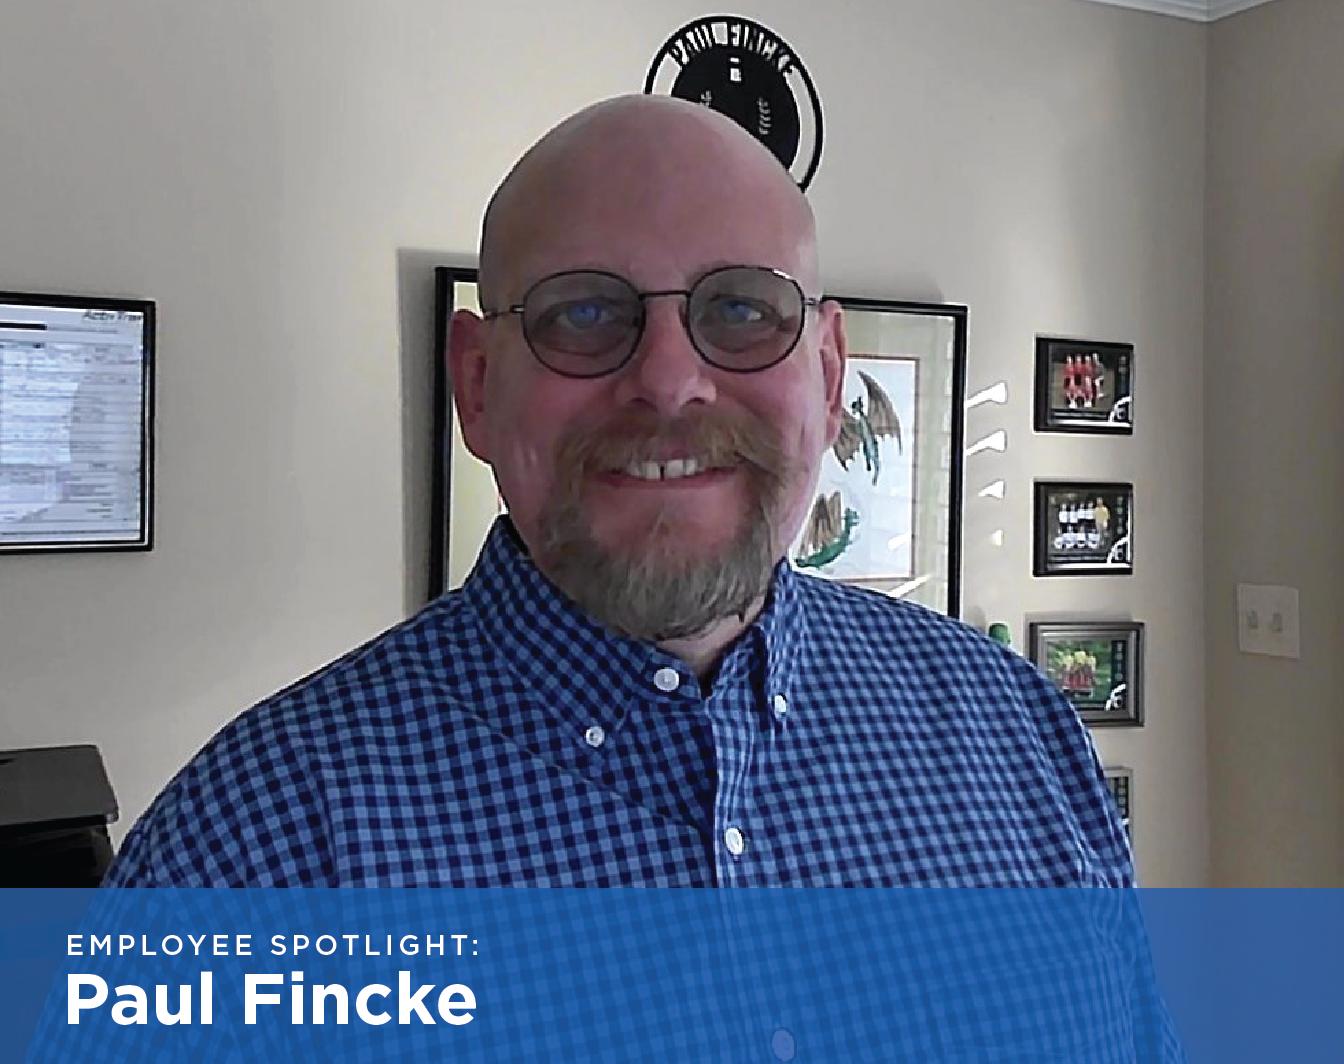 Paul Fincke